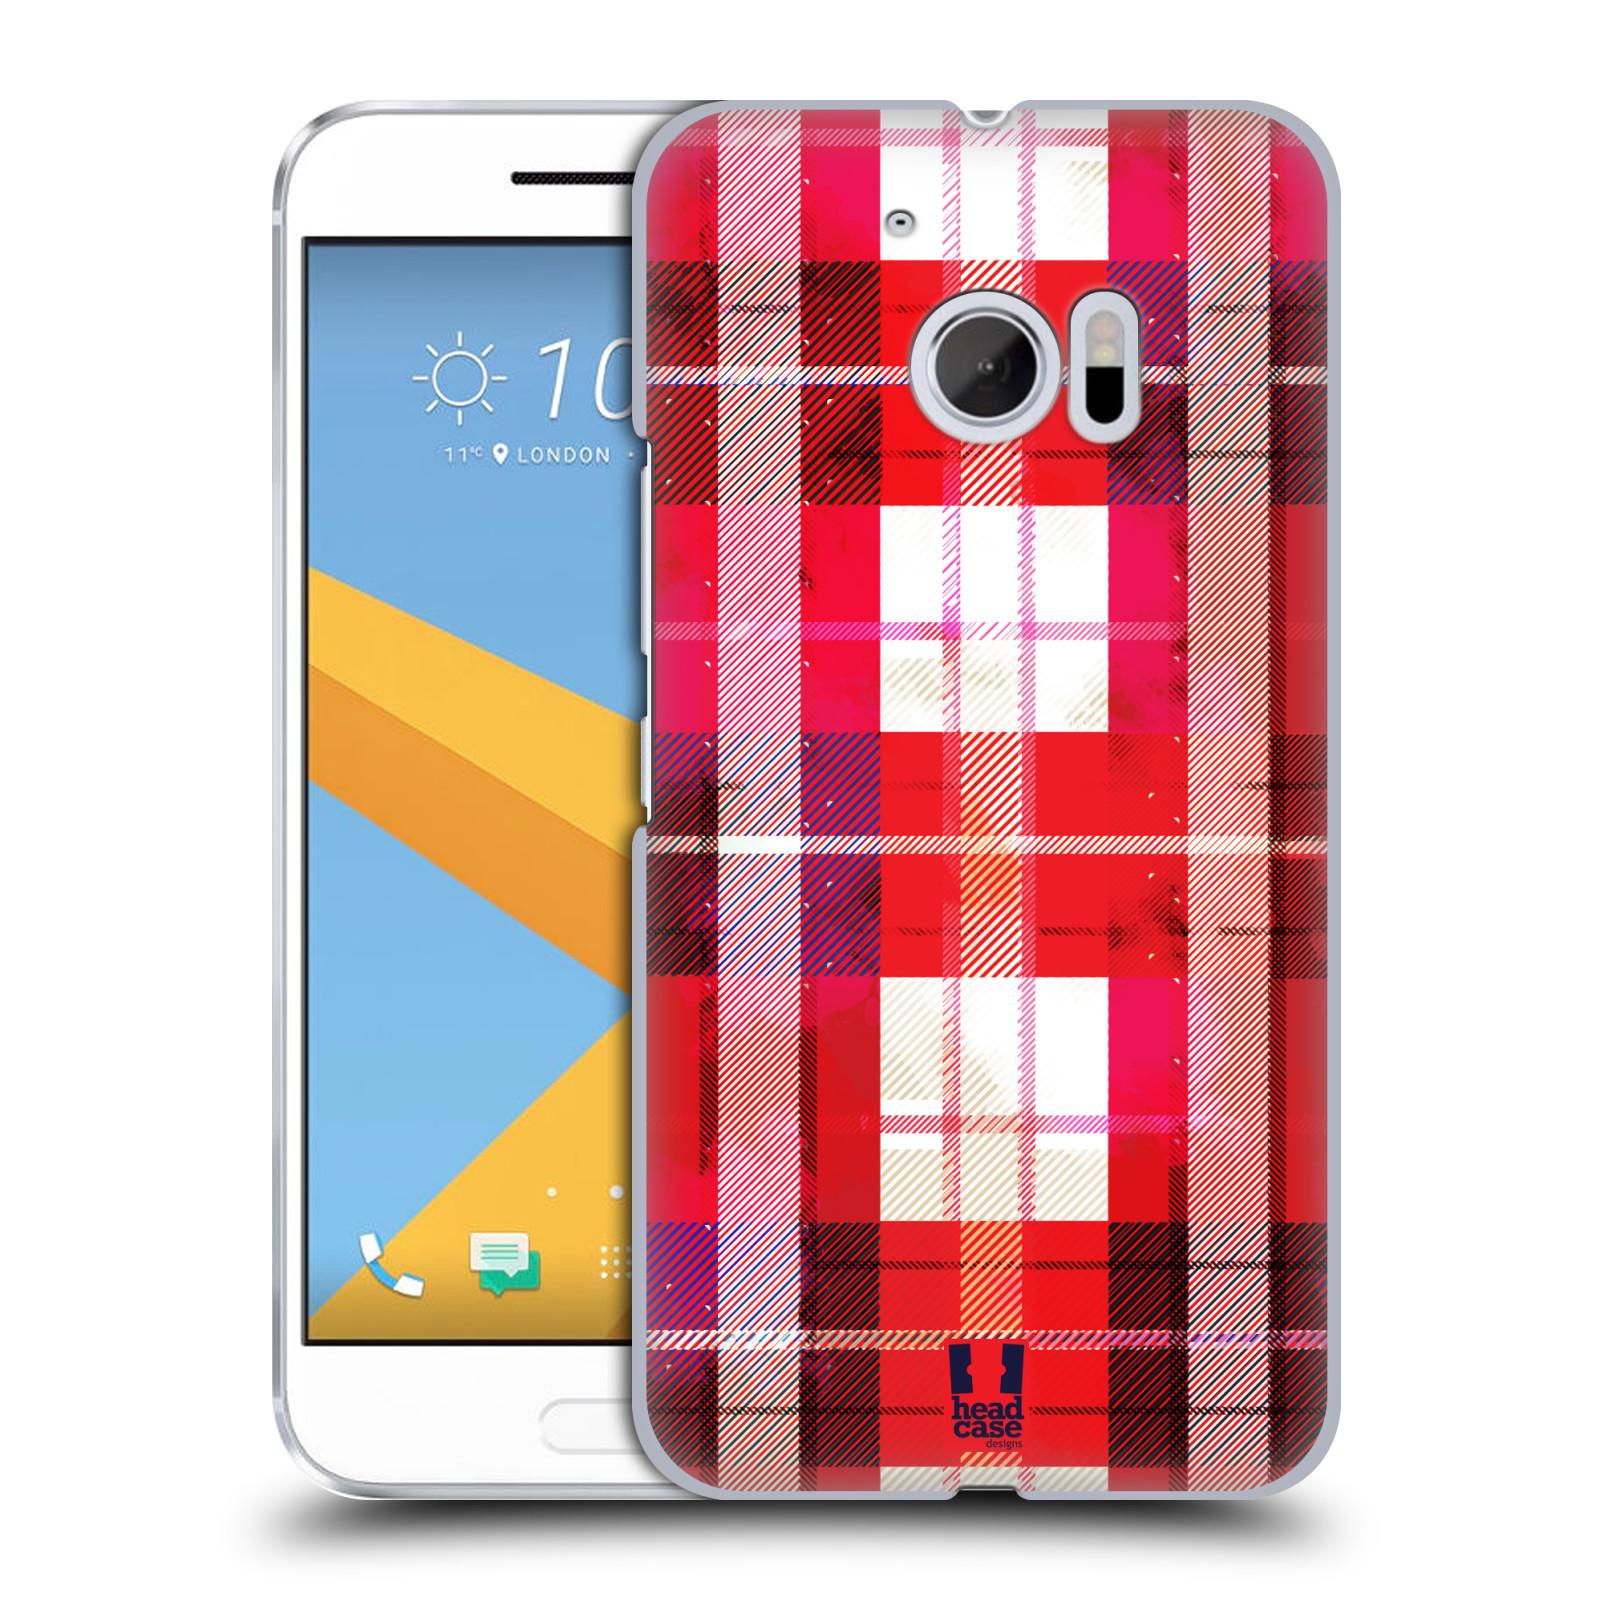 Plastové pouzdro na mobil HTC One 10 - Head Case - FLANEL RED (Plastový kryt či obal na mobilní telefon HTC One 10 (M10))